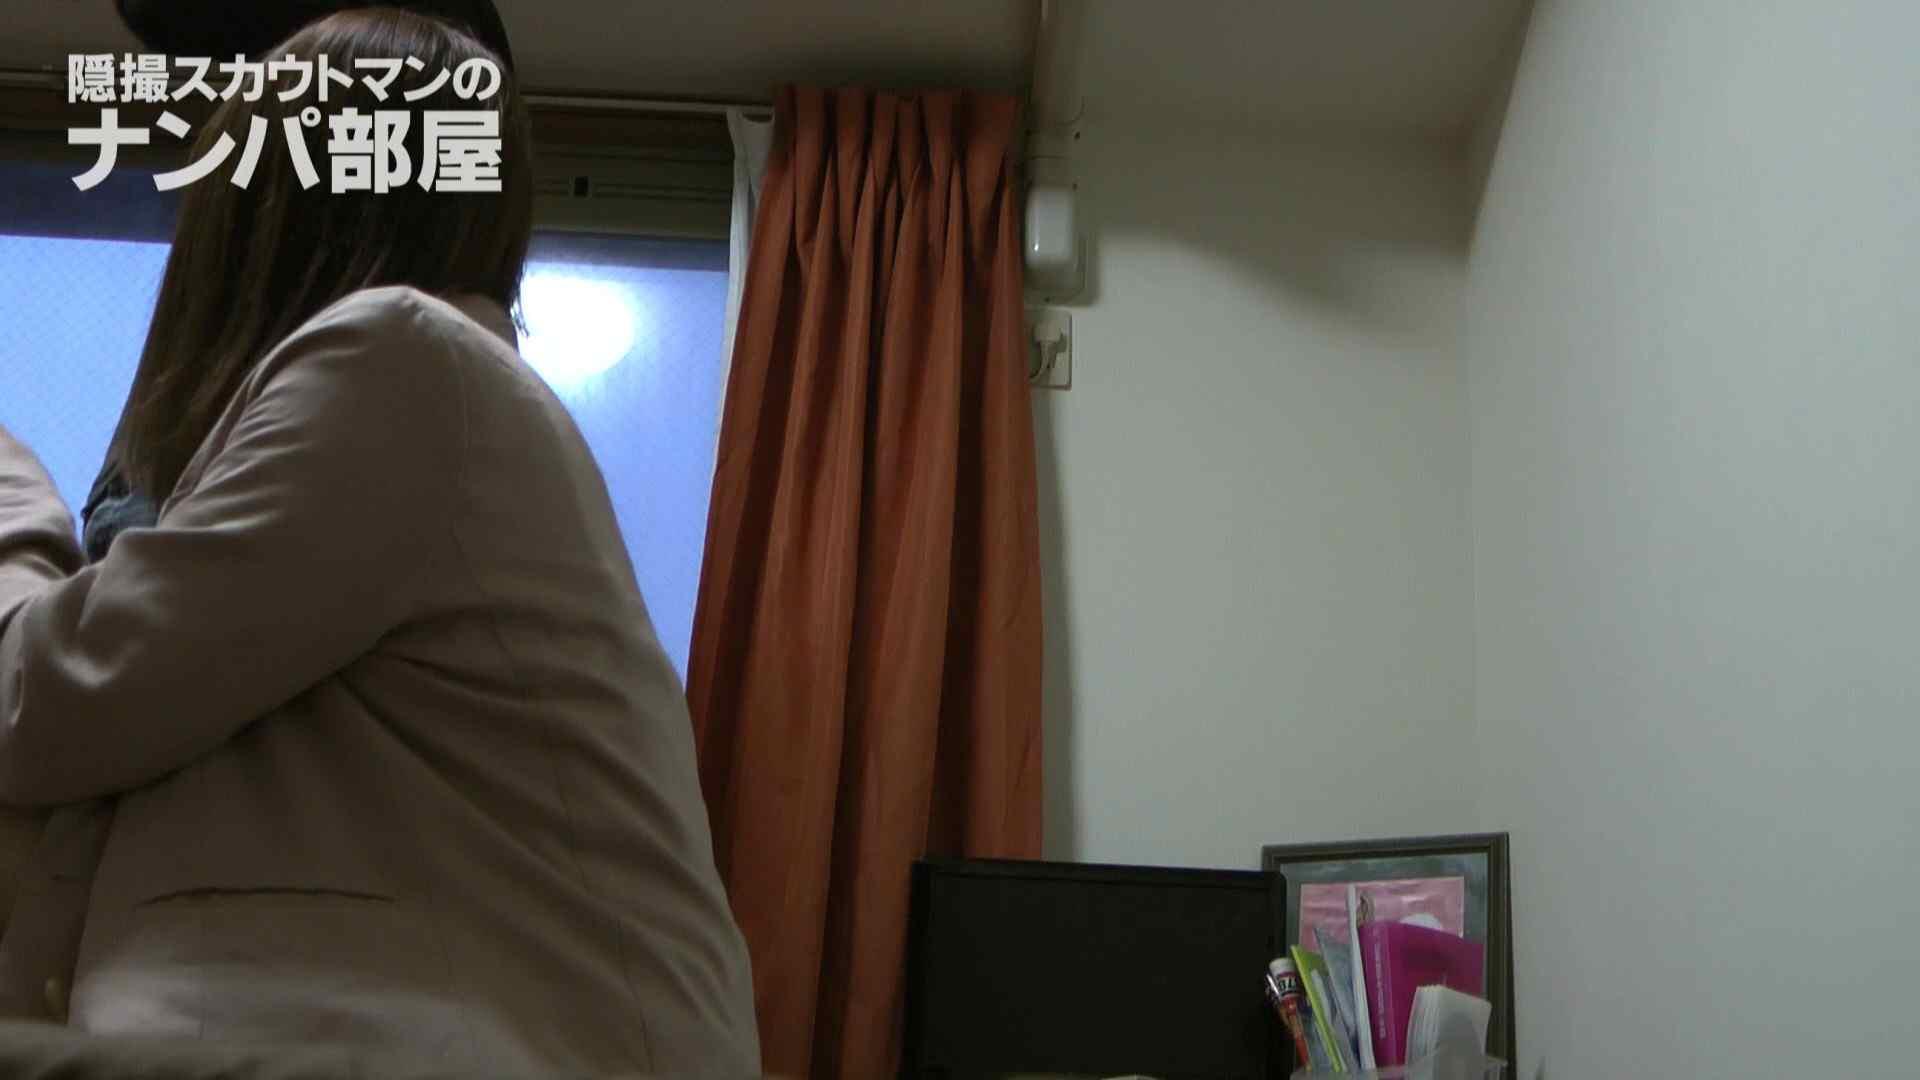 kana 脱衣所 | フェラ動画  112画像 31